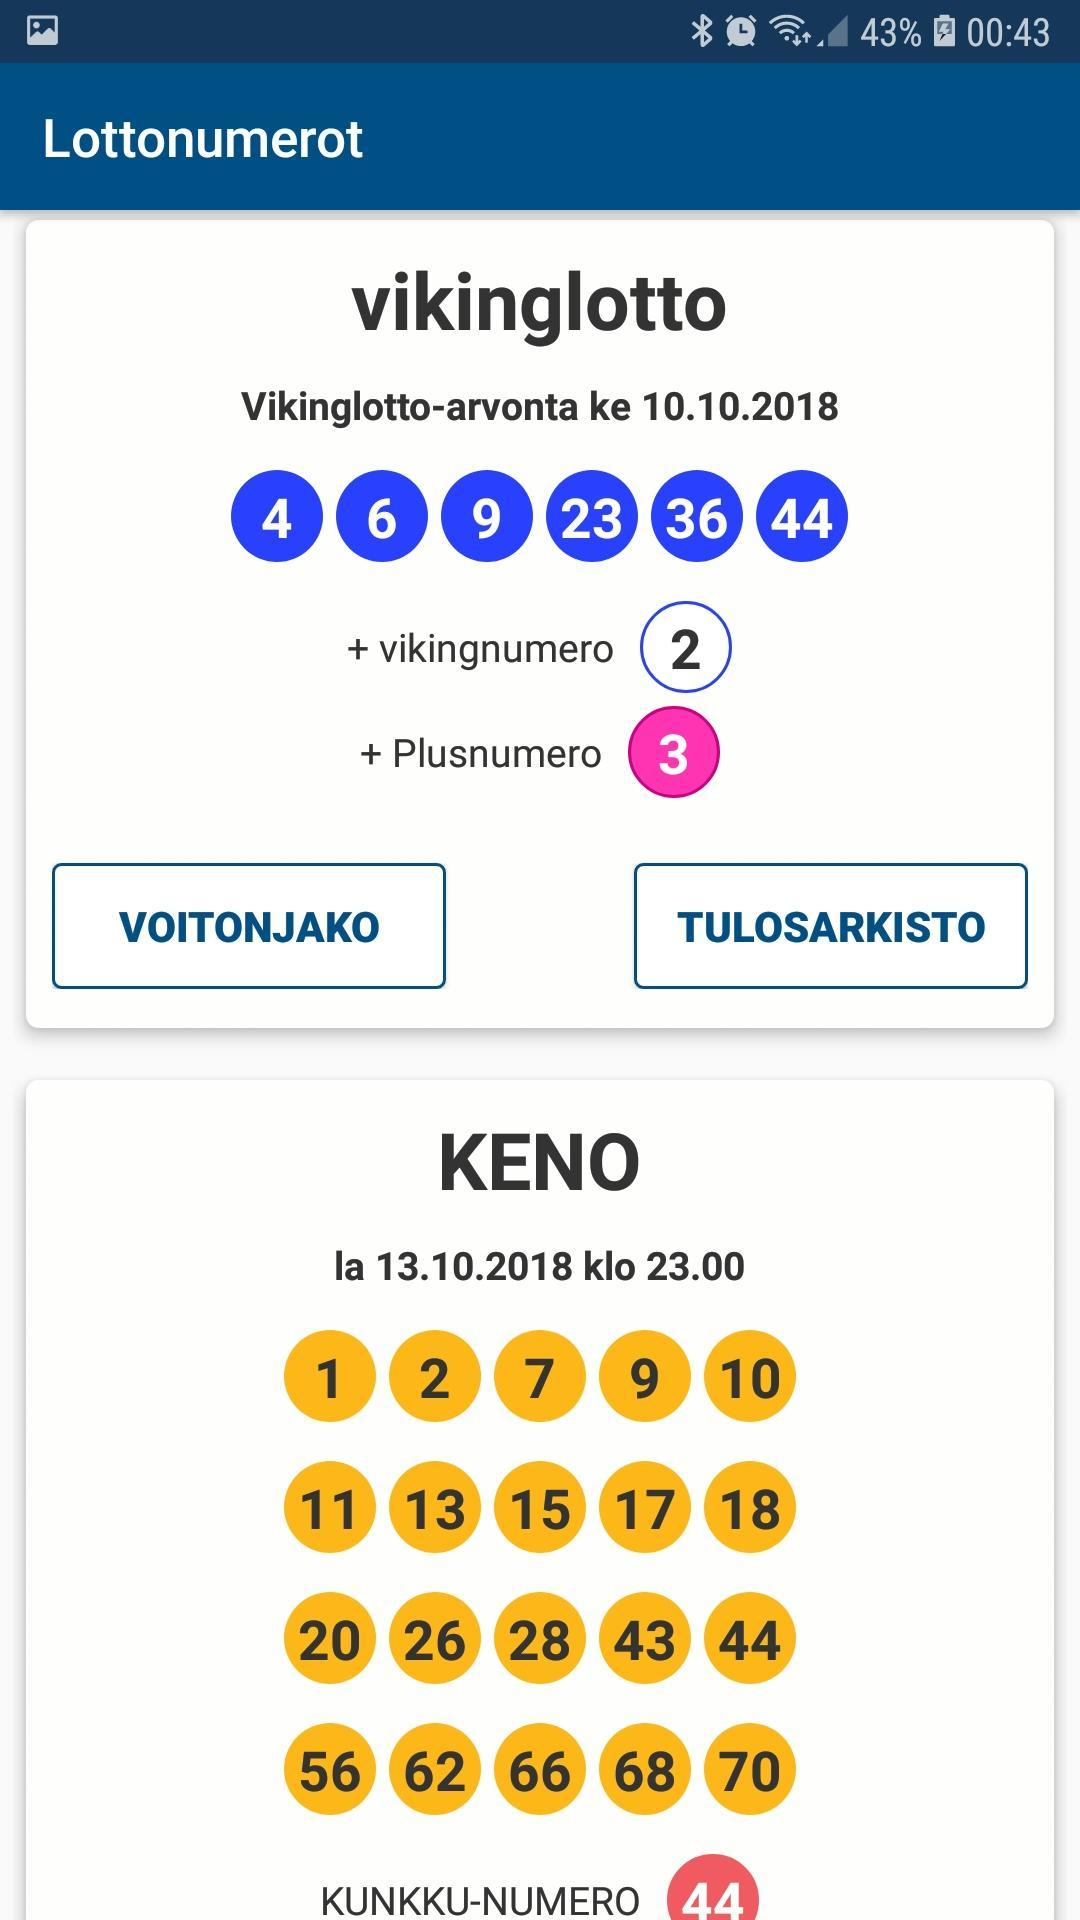 Lottonumerot